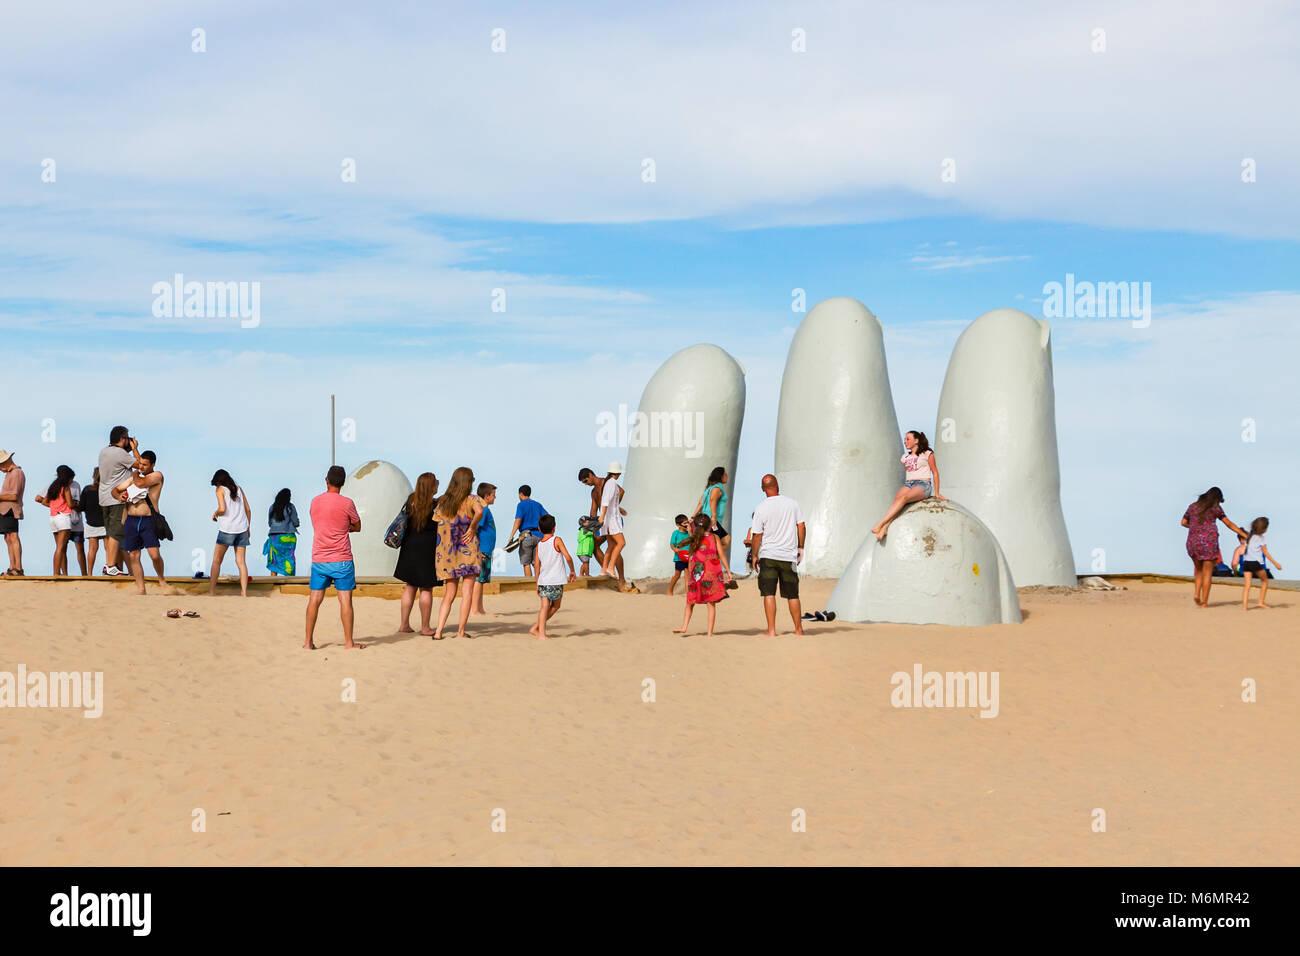 Punta Del Este, Uruguay - Février 28th, 2018: Les personnes qui prennent des photos et sefies à Photo Stock